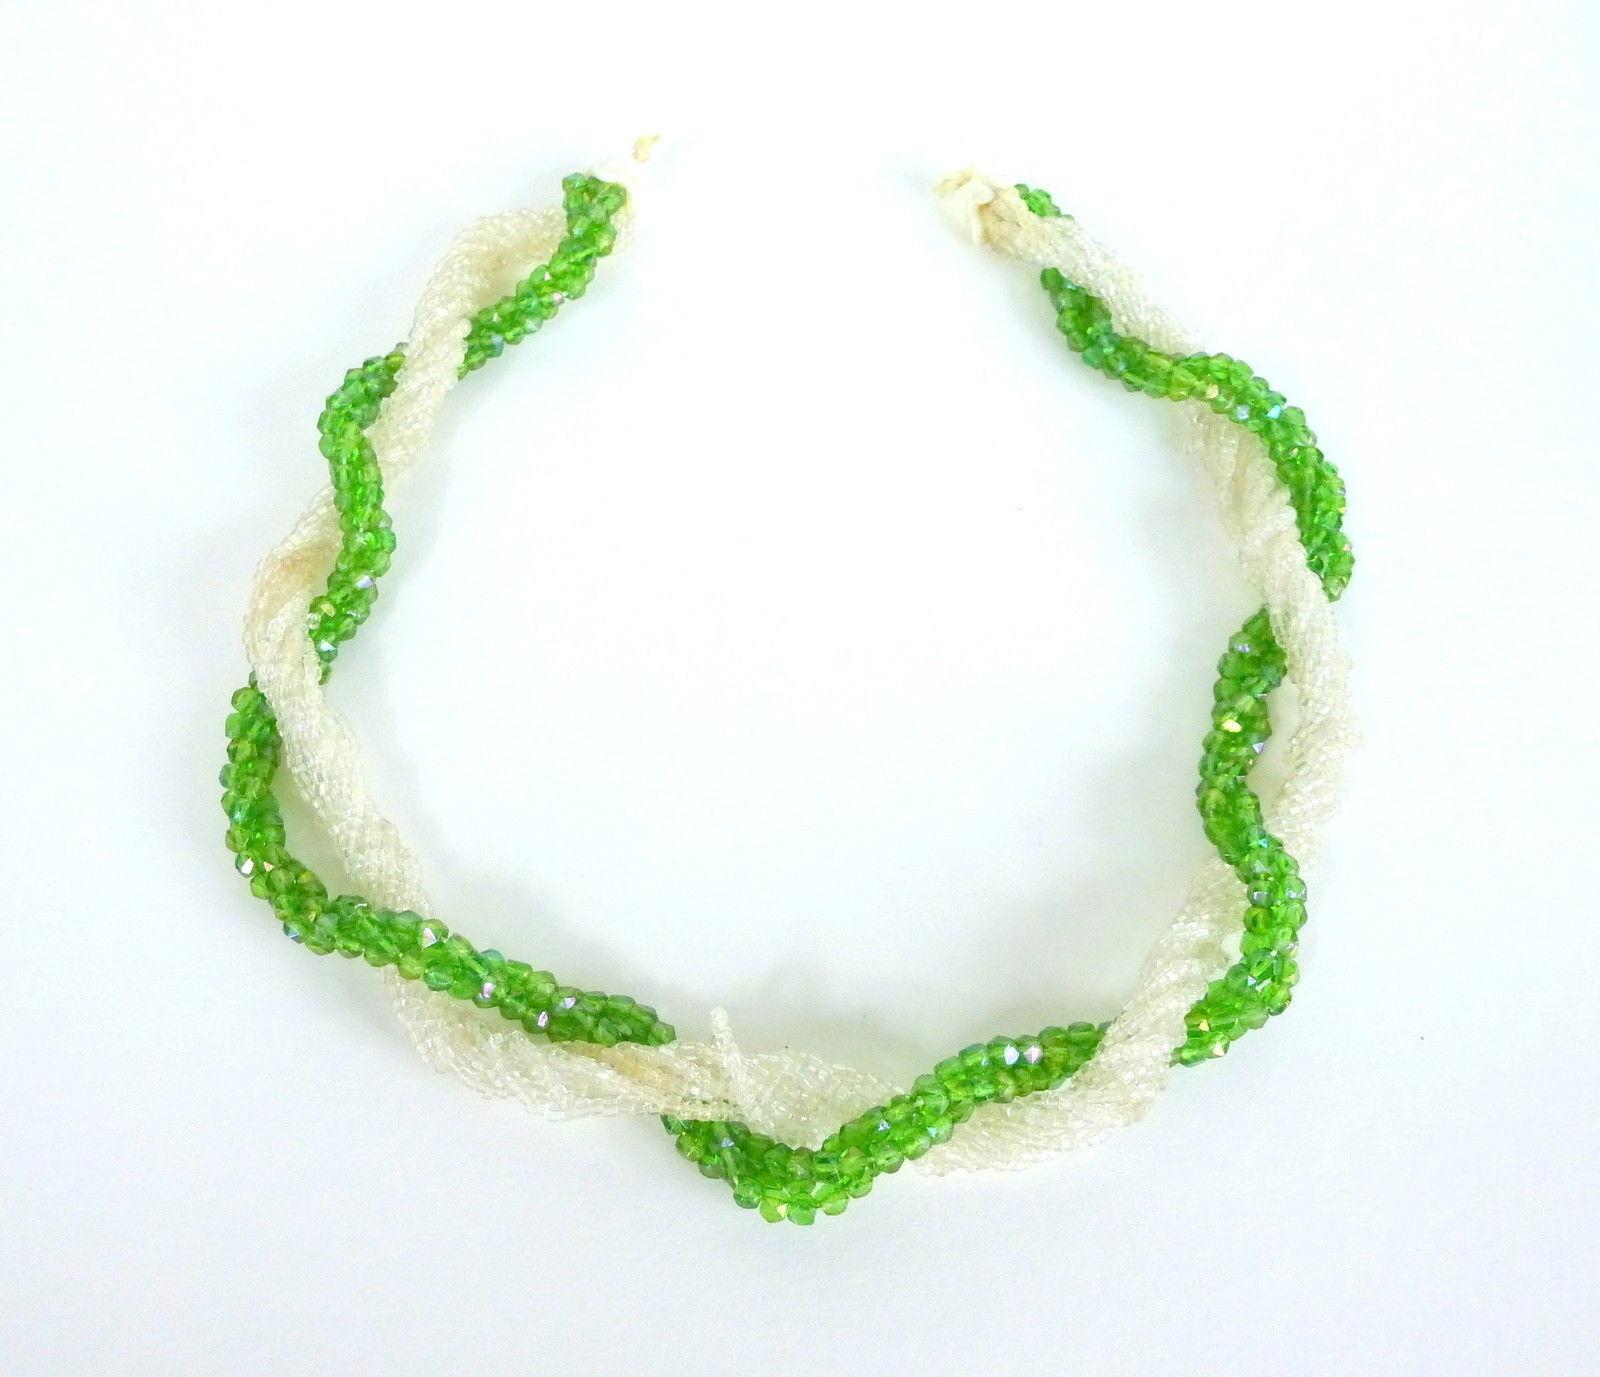 Glass Beads Chain um 1900